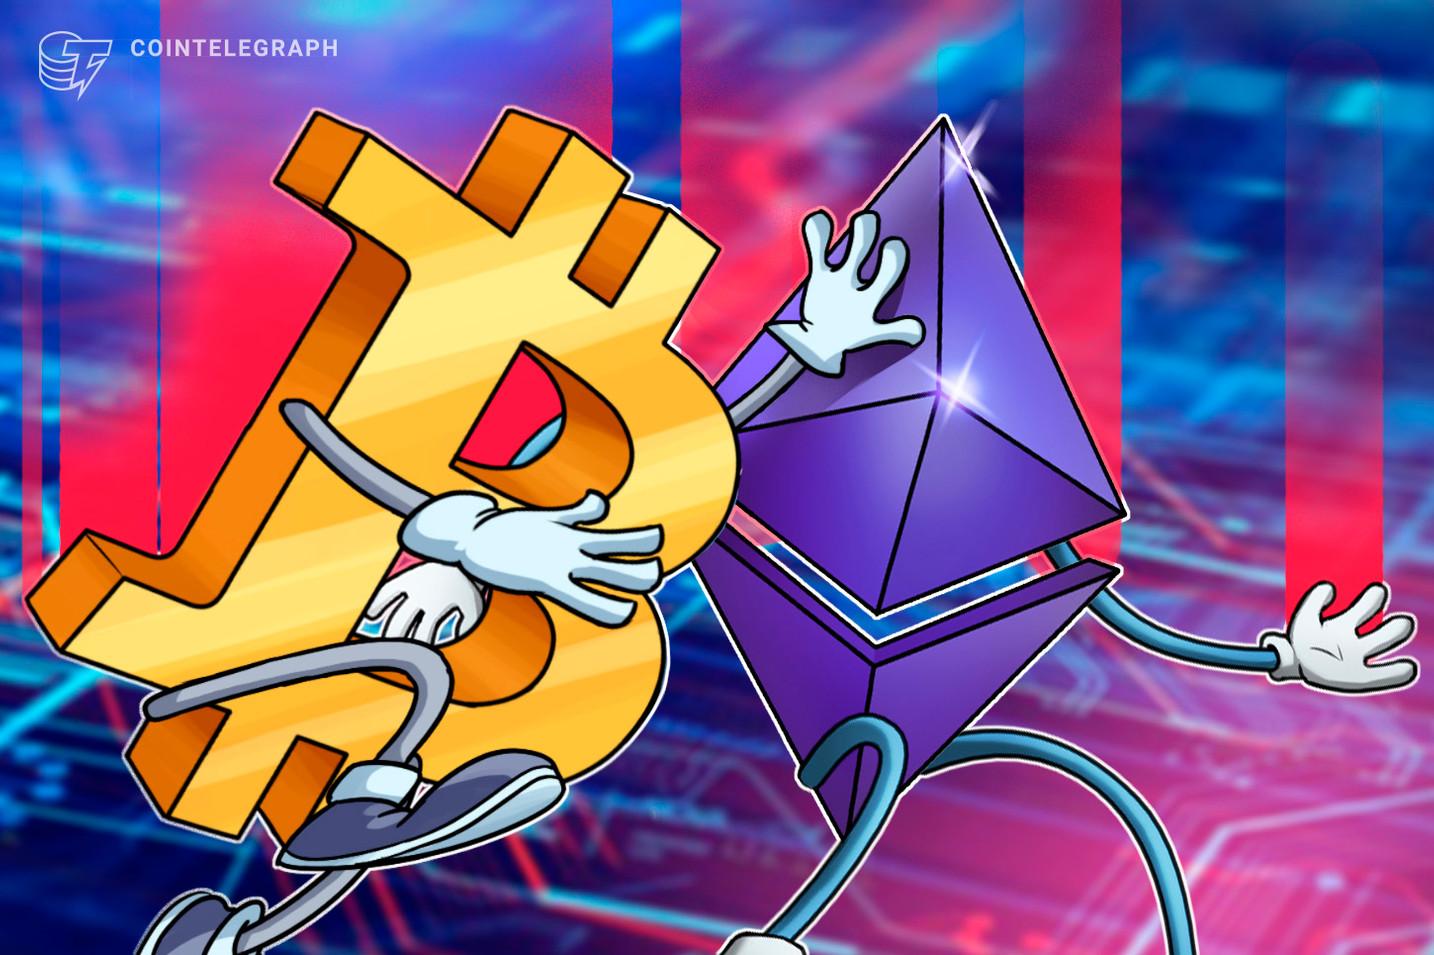 Armadilha de alta para o Ethereum? Preço do ETH mostra sinais otimistas em relação ao Bitcoin